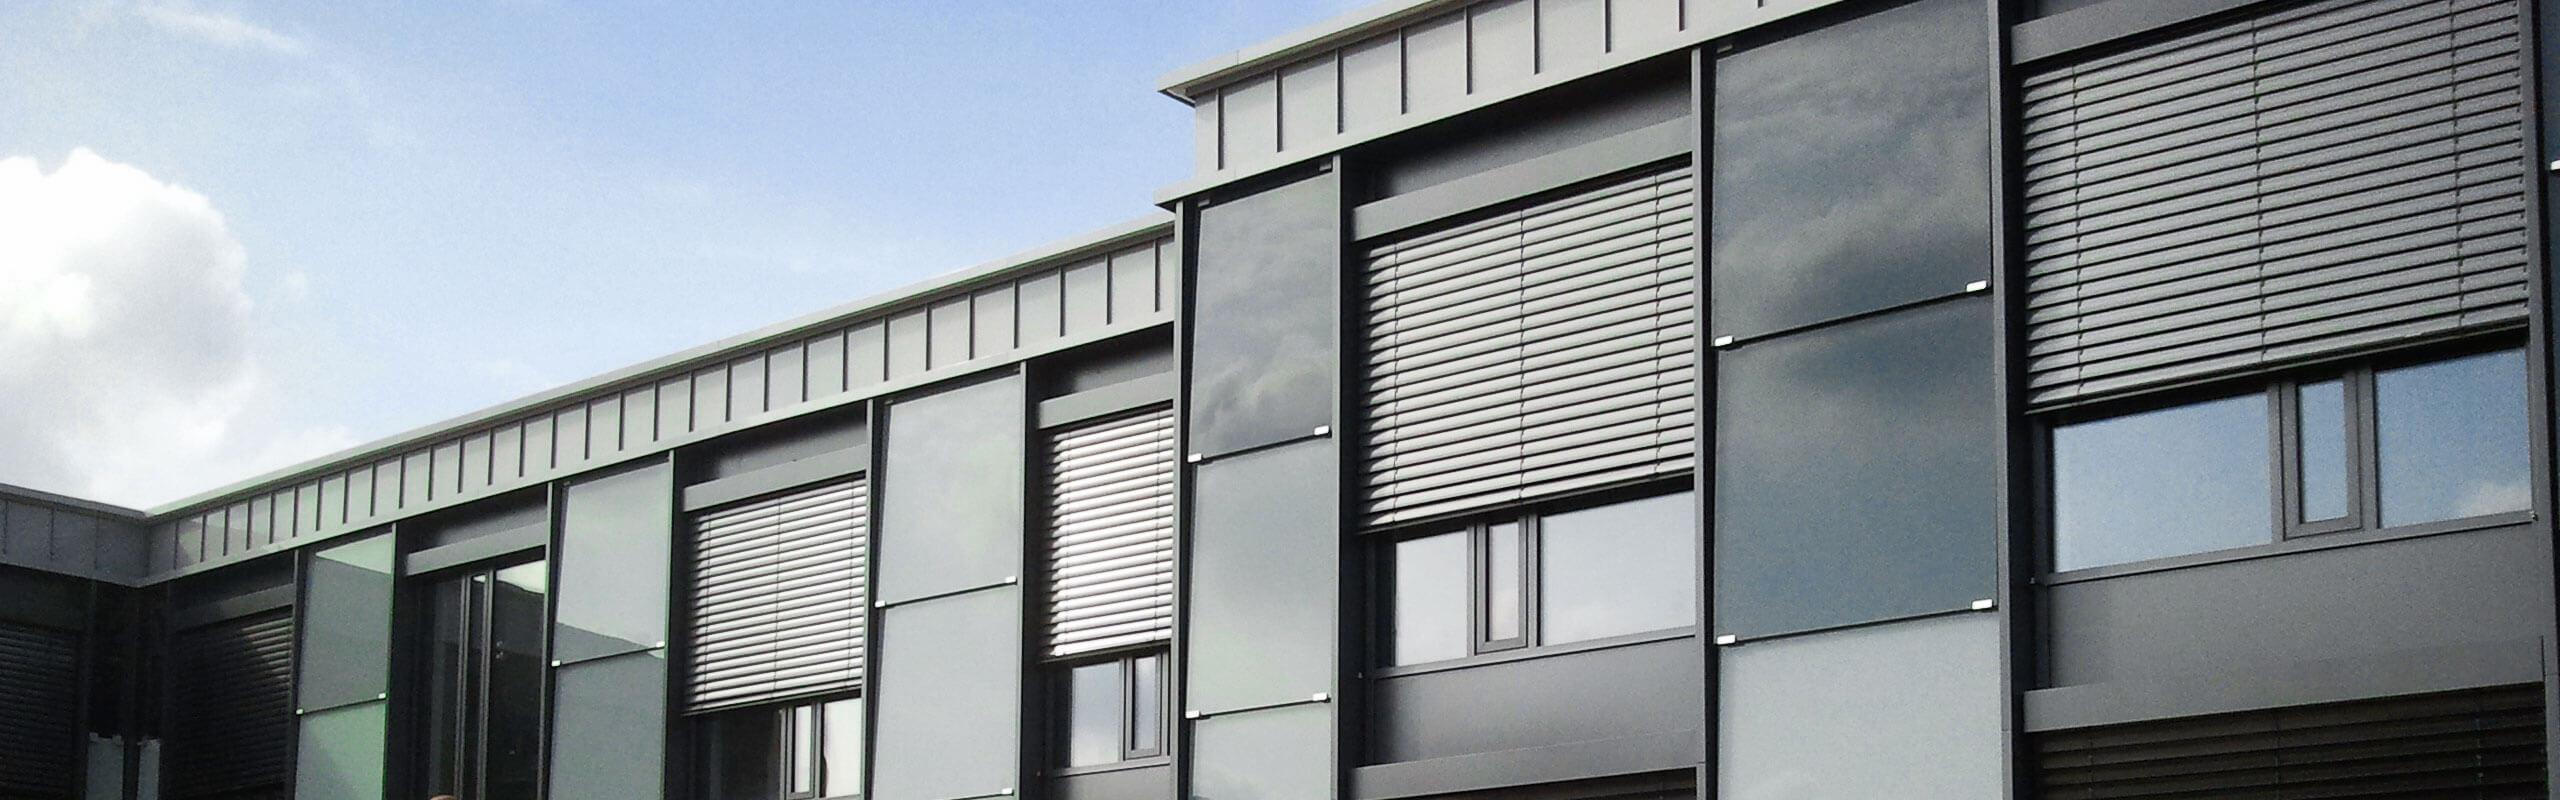 Das Hochwertige Hauseingang Vordach Uberdachung Aus Glas